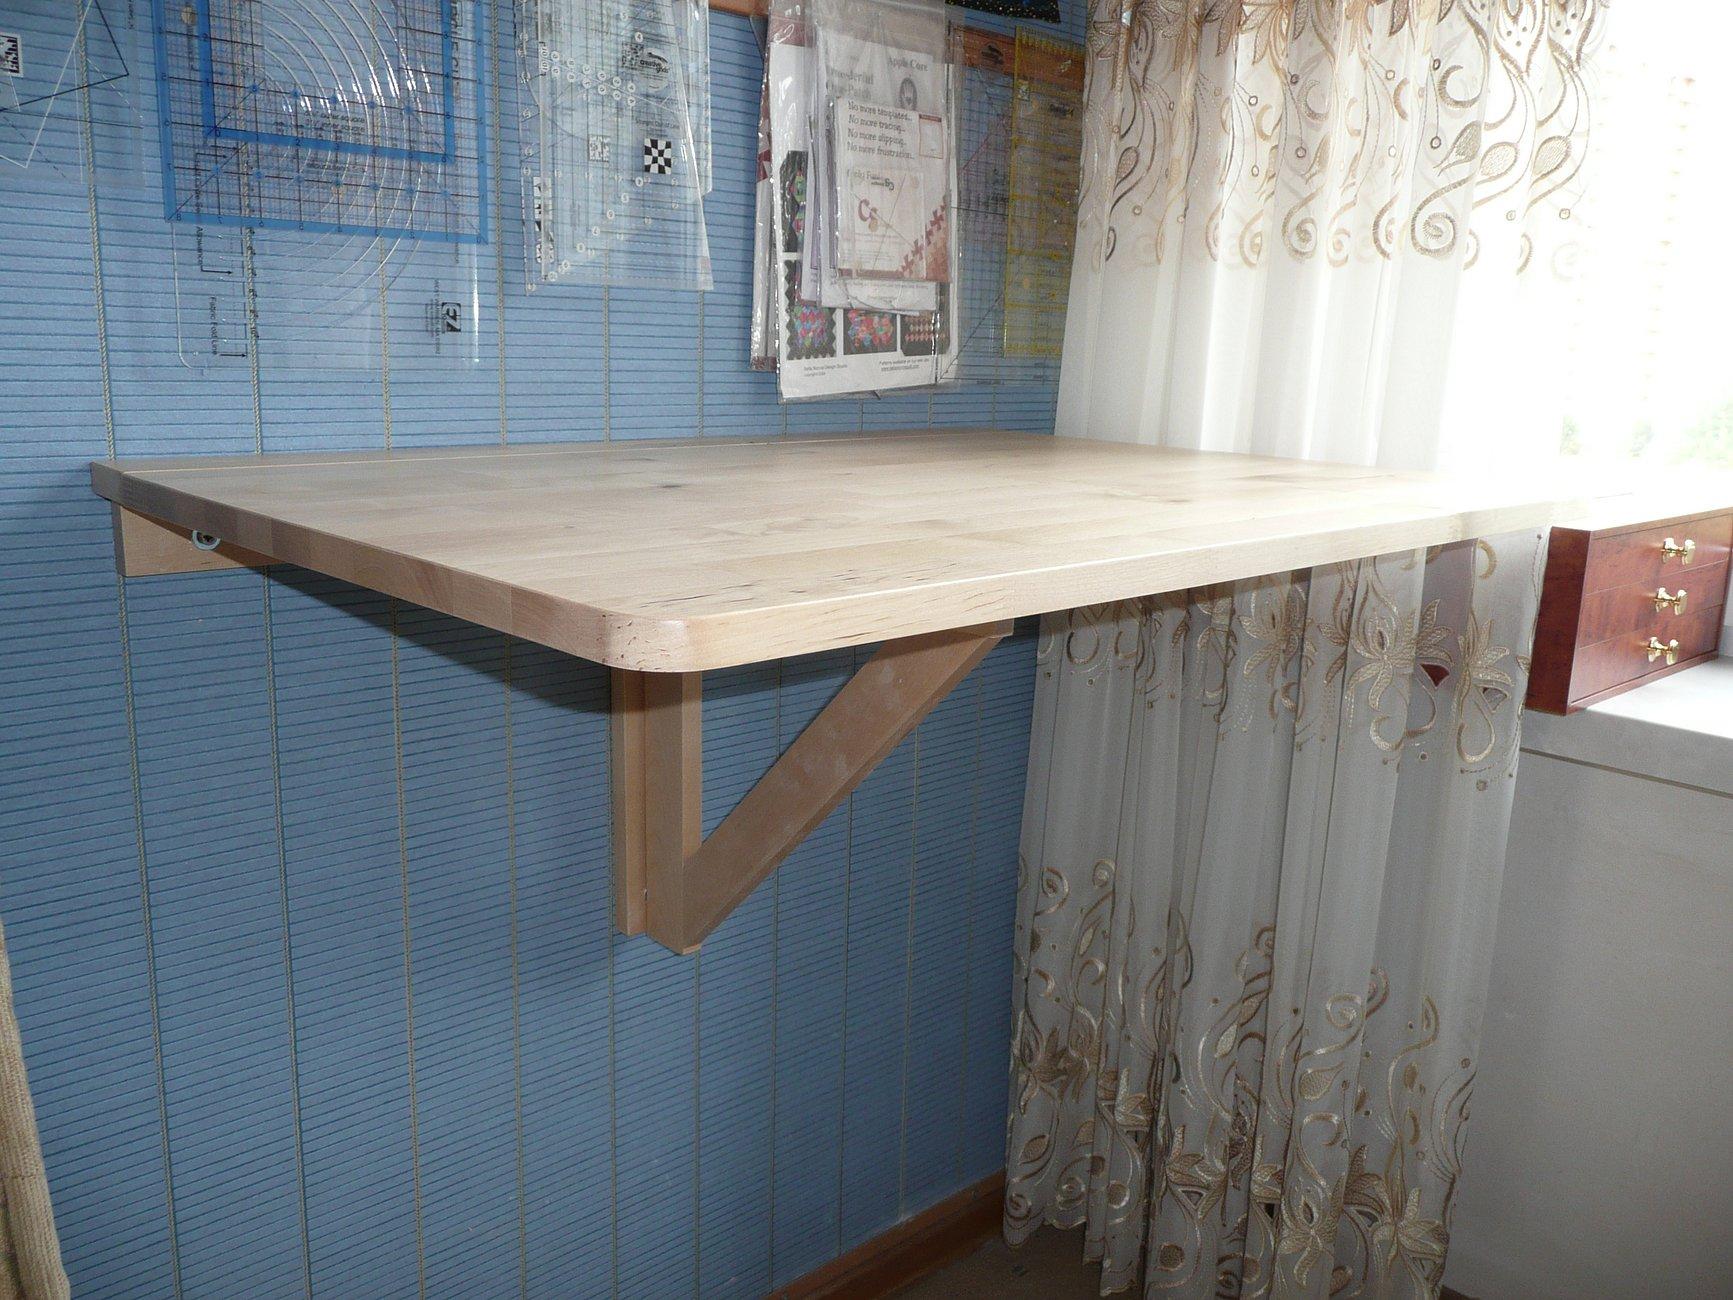 Стол на балкон купить москва. - лоджии - каталог статей - ба.